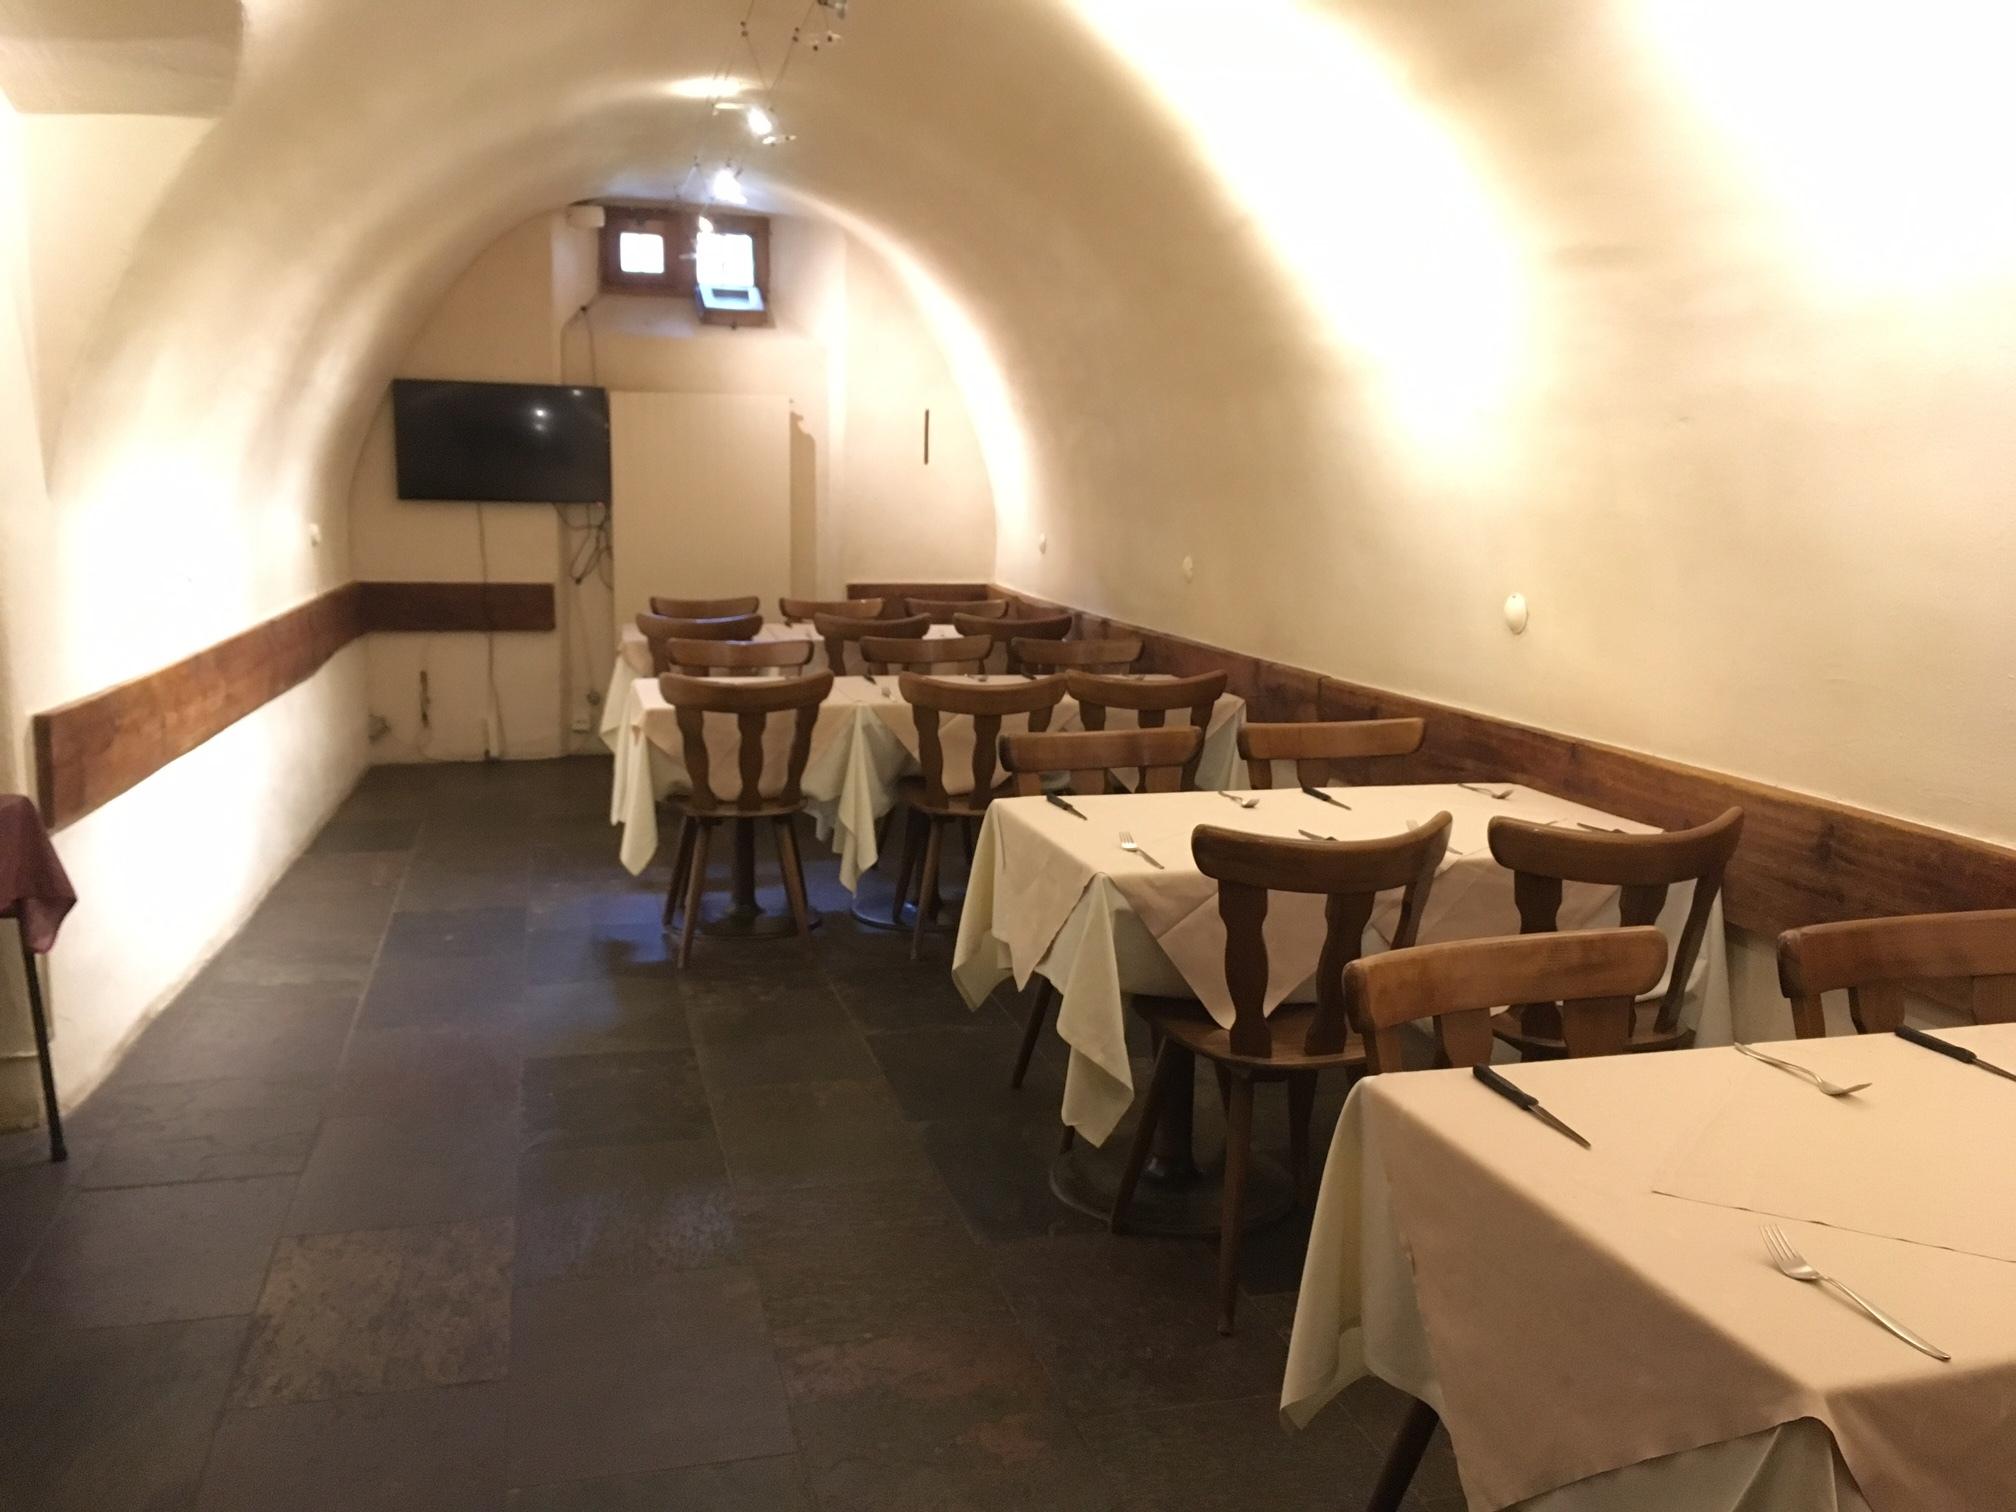 Restaurant Walther Slide 8